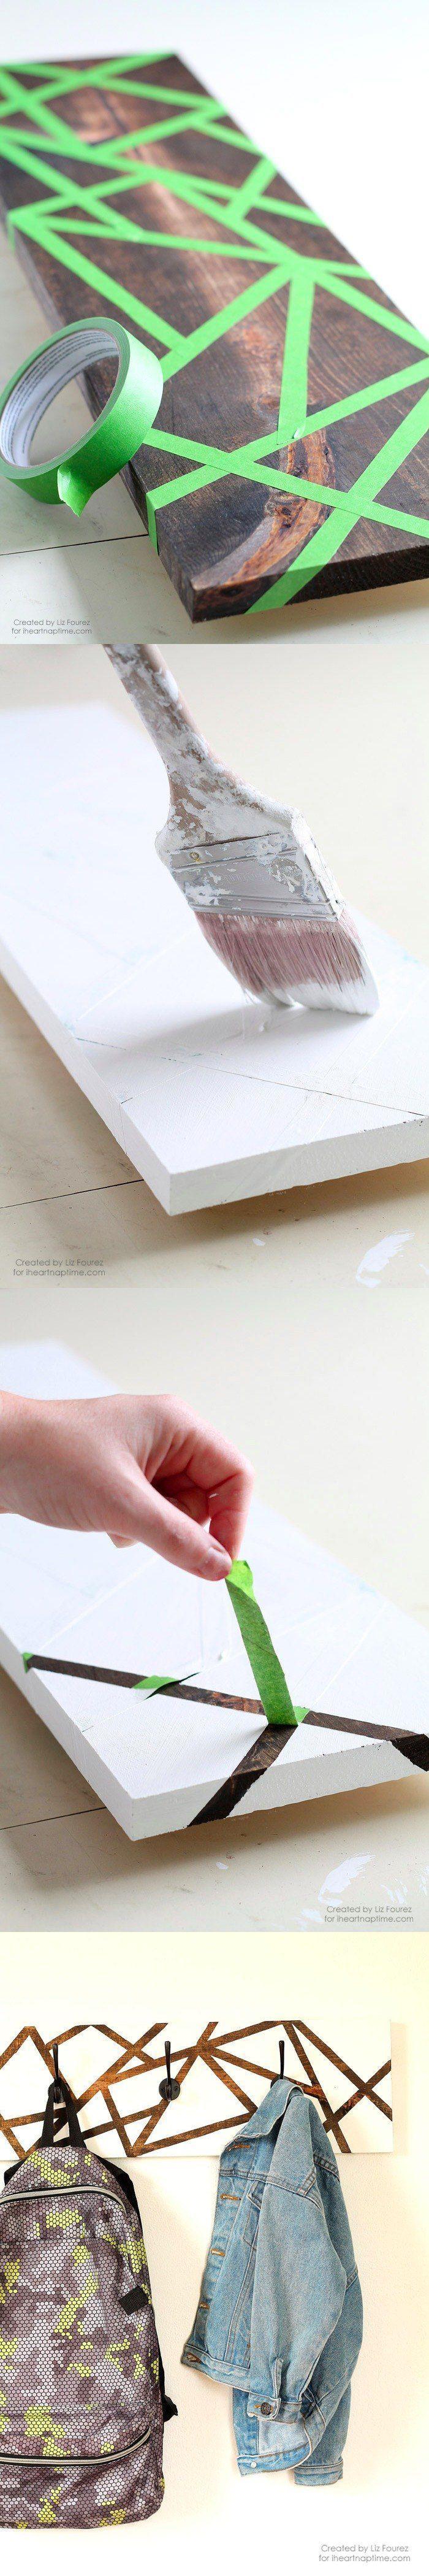 Kreativer DIY Kleiderbügel (sehr genial) – #DIY #…